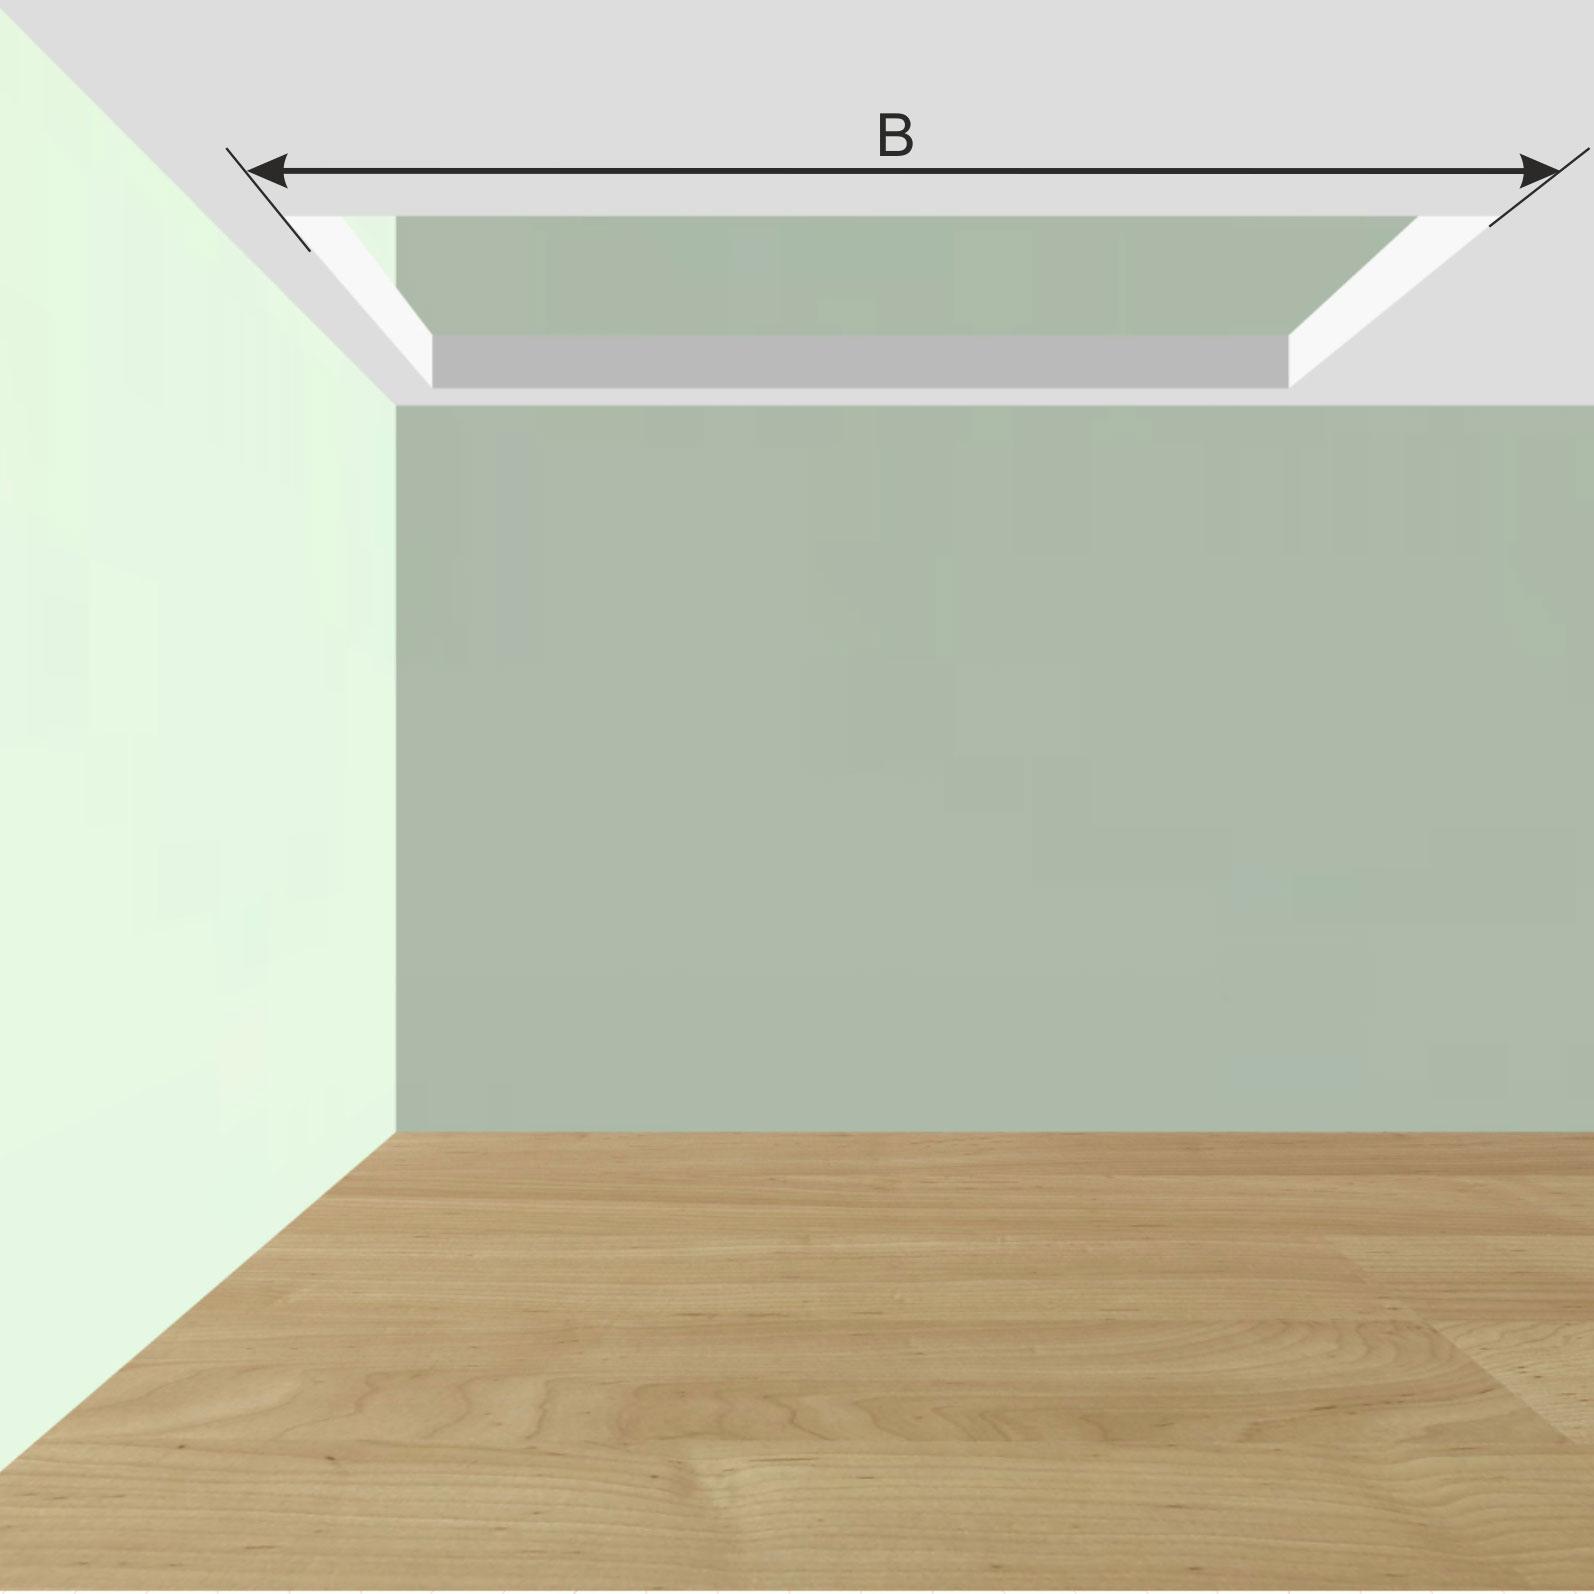 Длина проема в межэтажном перекрытии